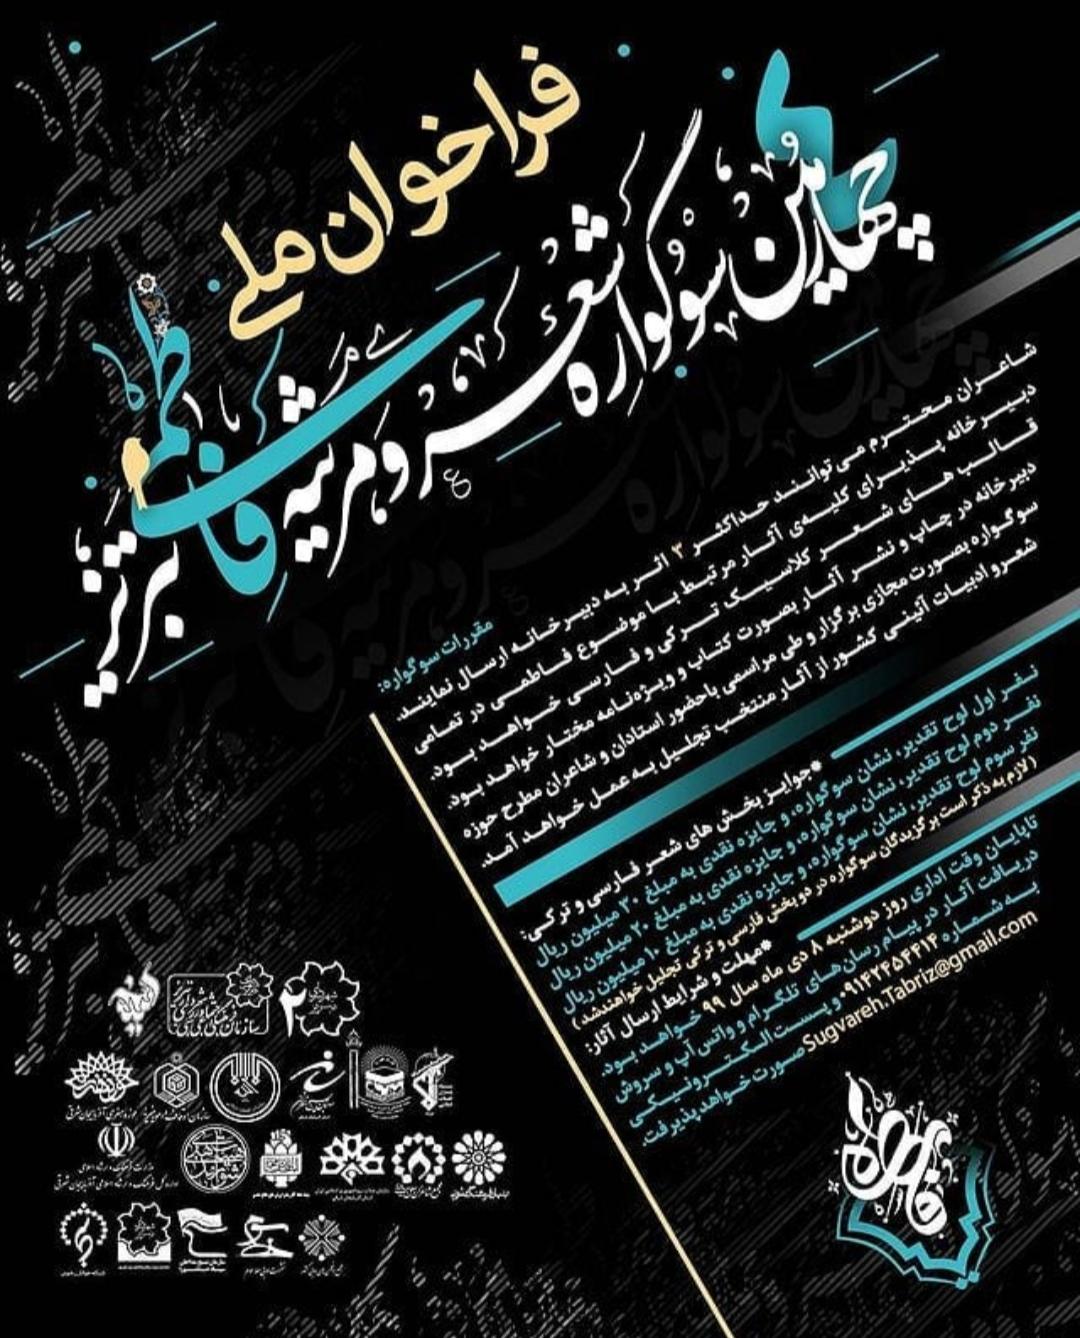 سوگواره شعر و مرثیه تبریز در آستانه تبدیل به بزرگترین اتفاق فاطمی در عرصه هنر